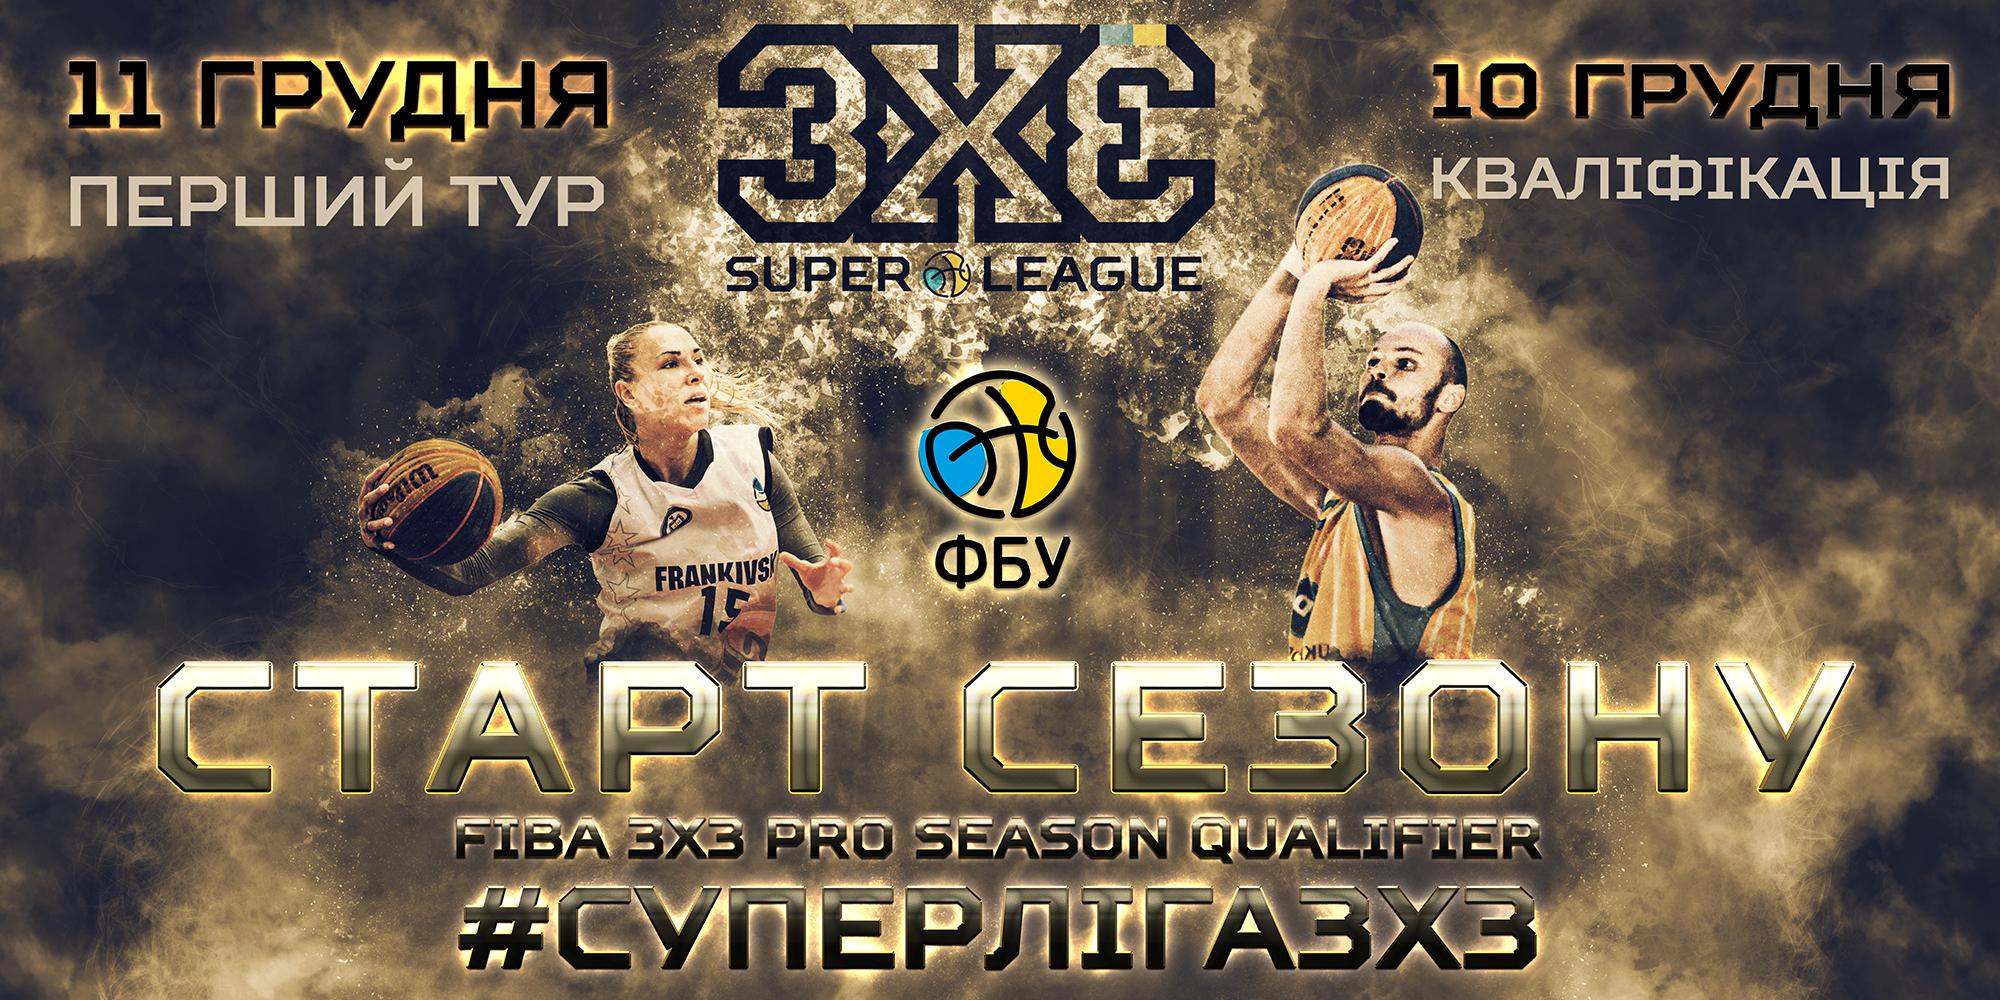 Стартує українська Суперліга 3х3